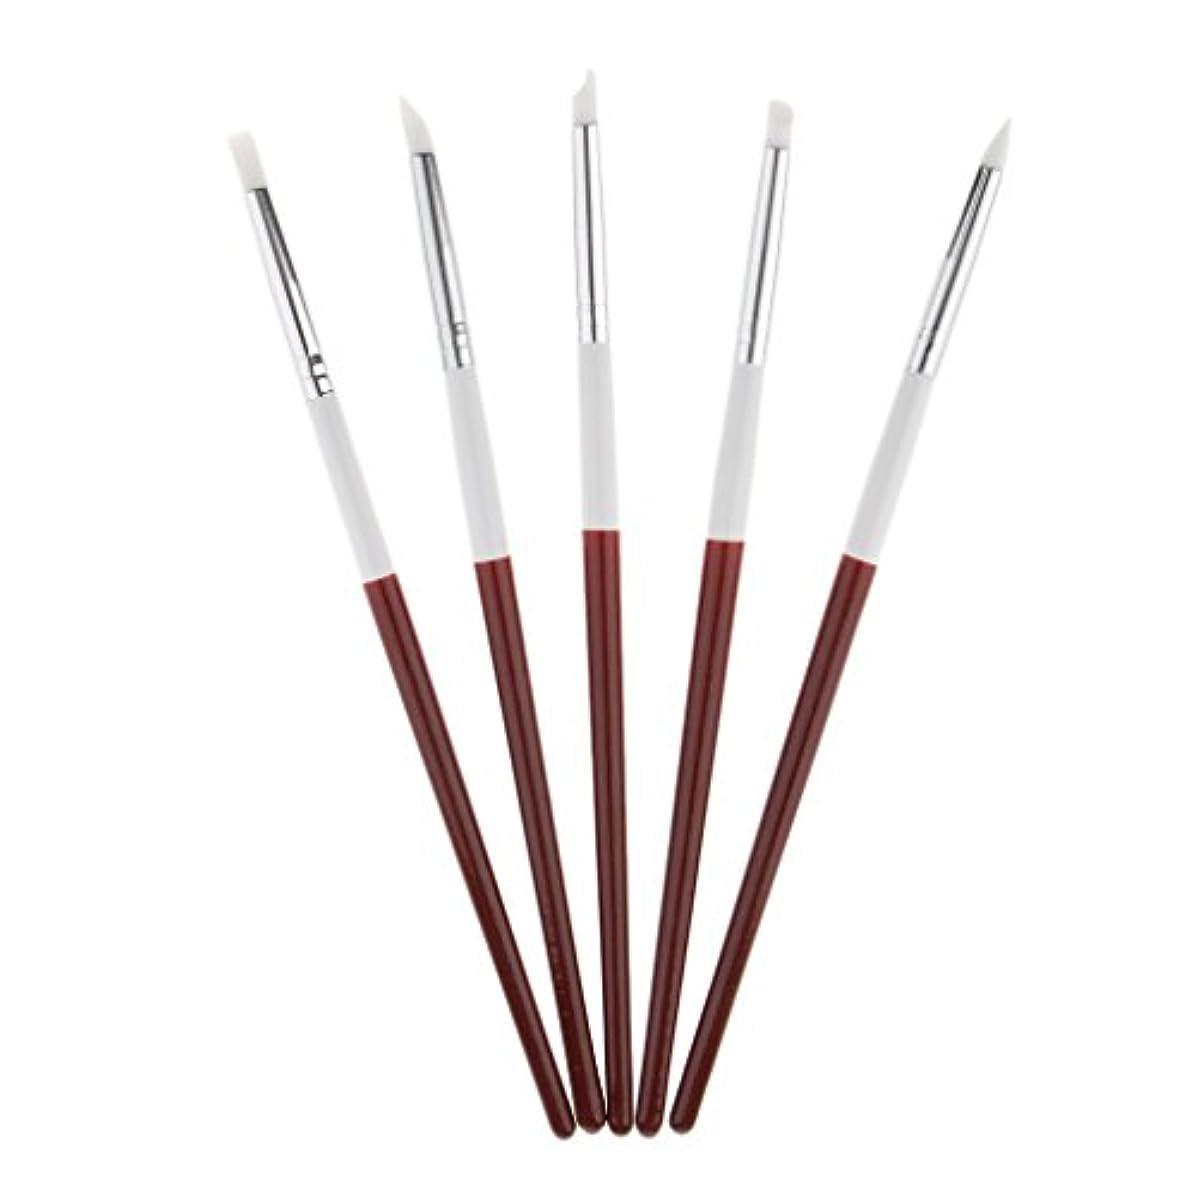 ズボン破壊する準備する5本 ネイルアートペン ネイルブラシ ネイル ブラシ 絵画 彫刻ペン シリコンヘッド 3タイプ選べる - 18.5cm